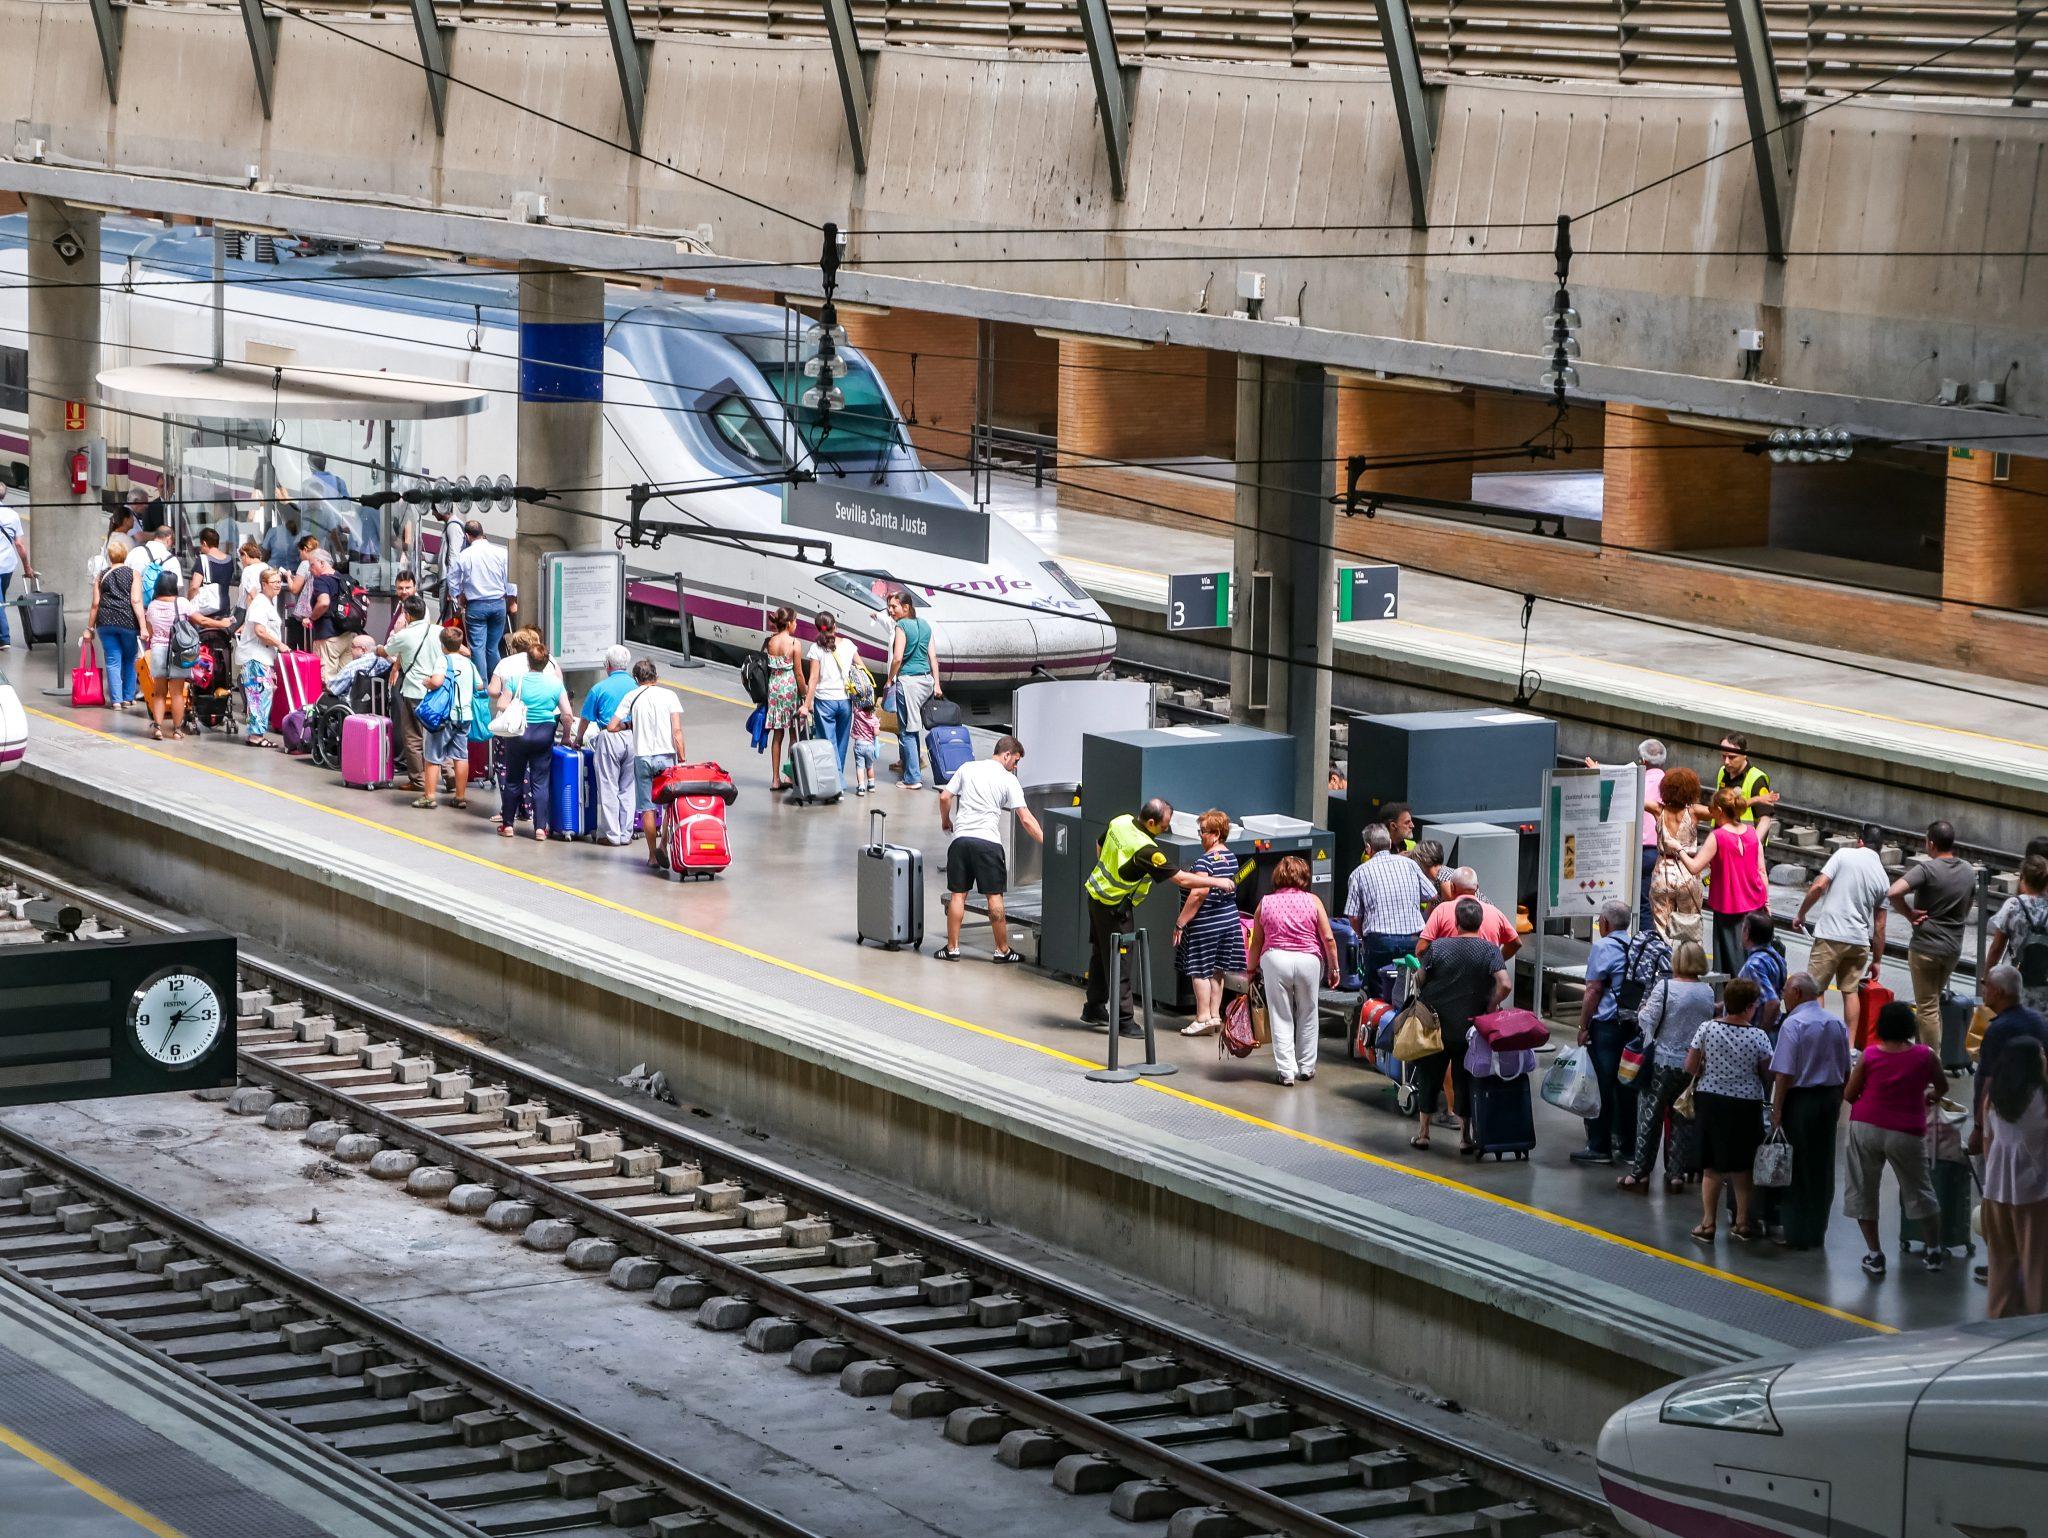 """Genauso wie am Flughafen von Sevilla werden du und dein Gepäck ebenfalls am Hauptbahnhof """"Santa Justa"""" auf den Langstrecken kontrolliert."""